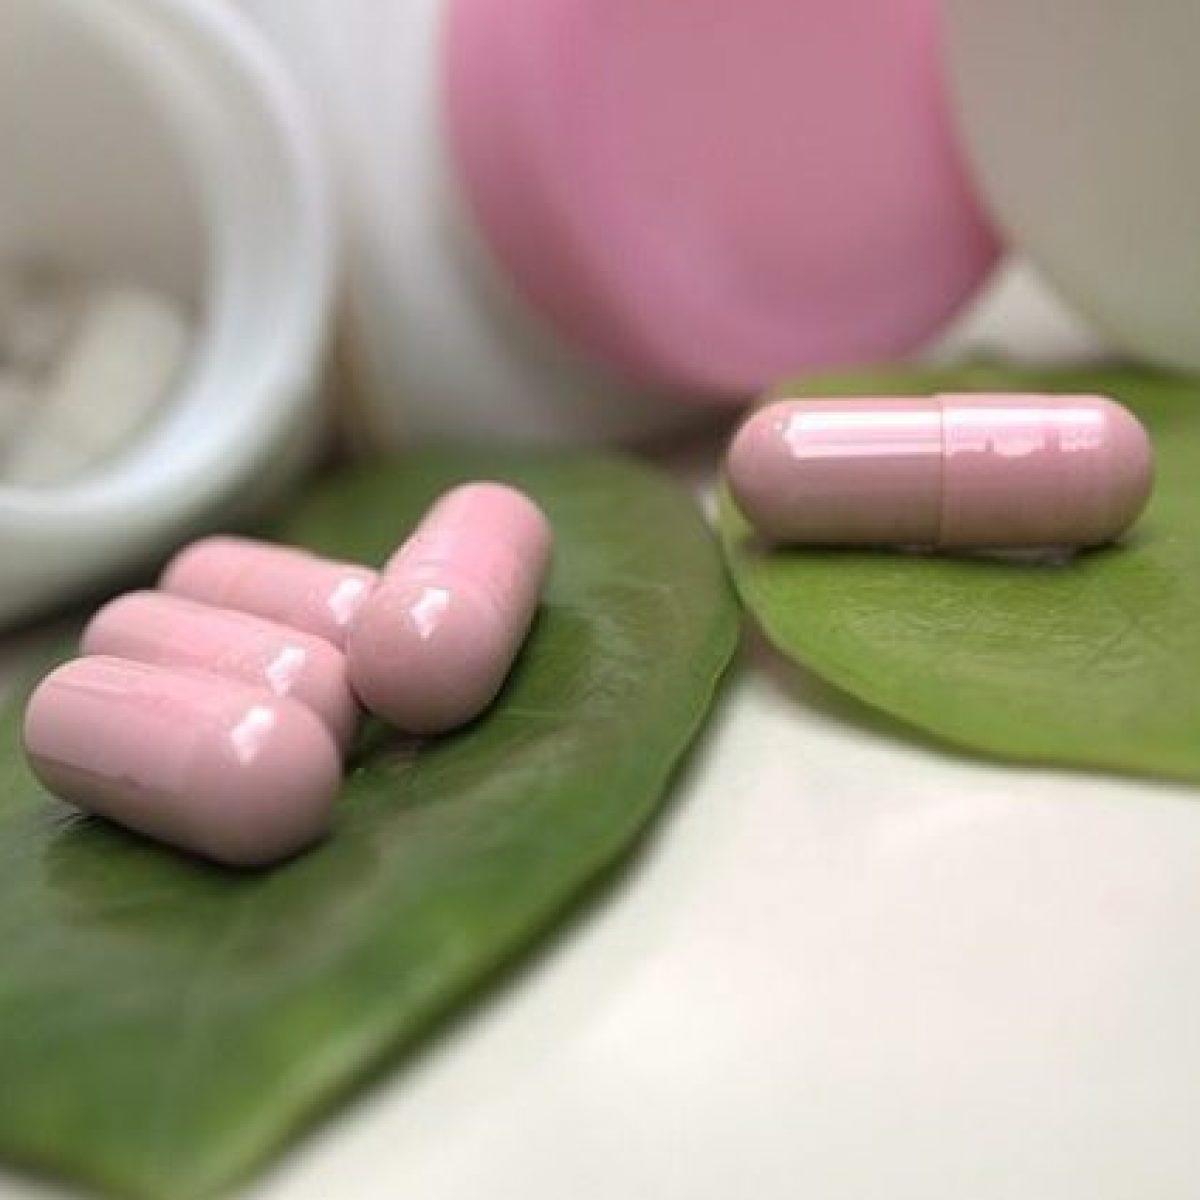 Viagra è utile Viagra è utile se non si ha una disfunzione erettile non si ha una disfunzione erettile